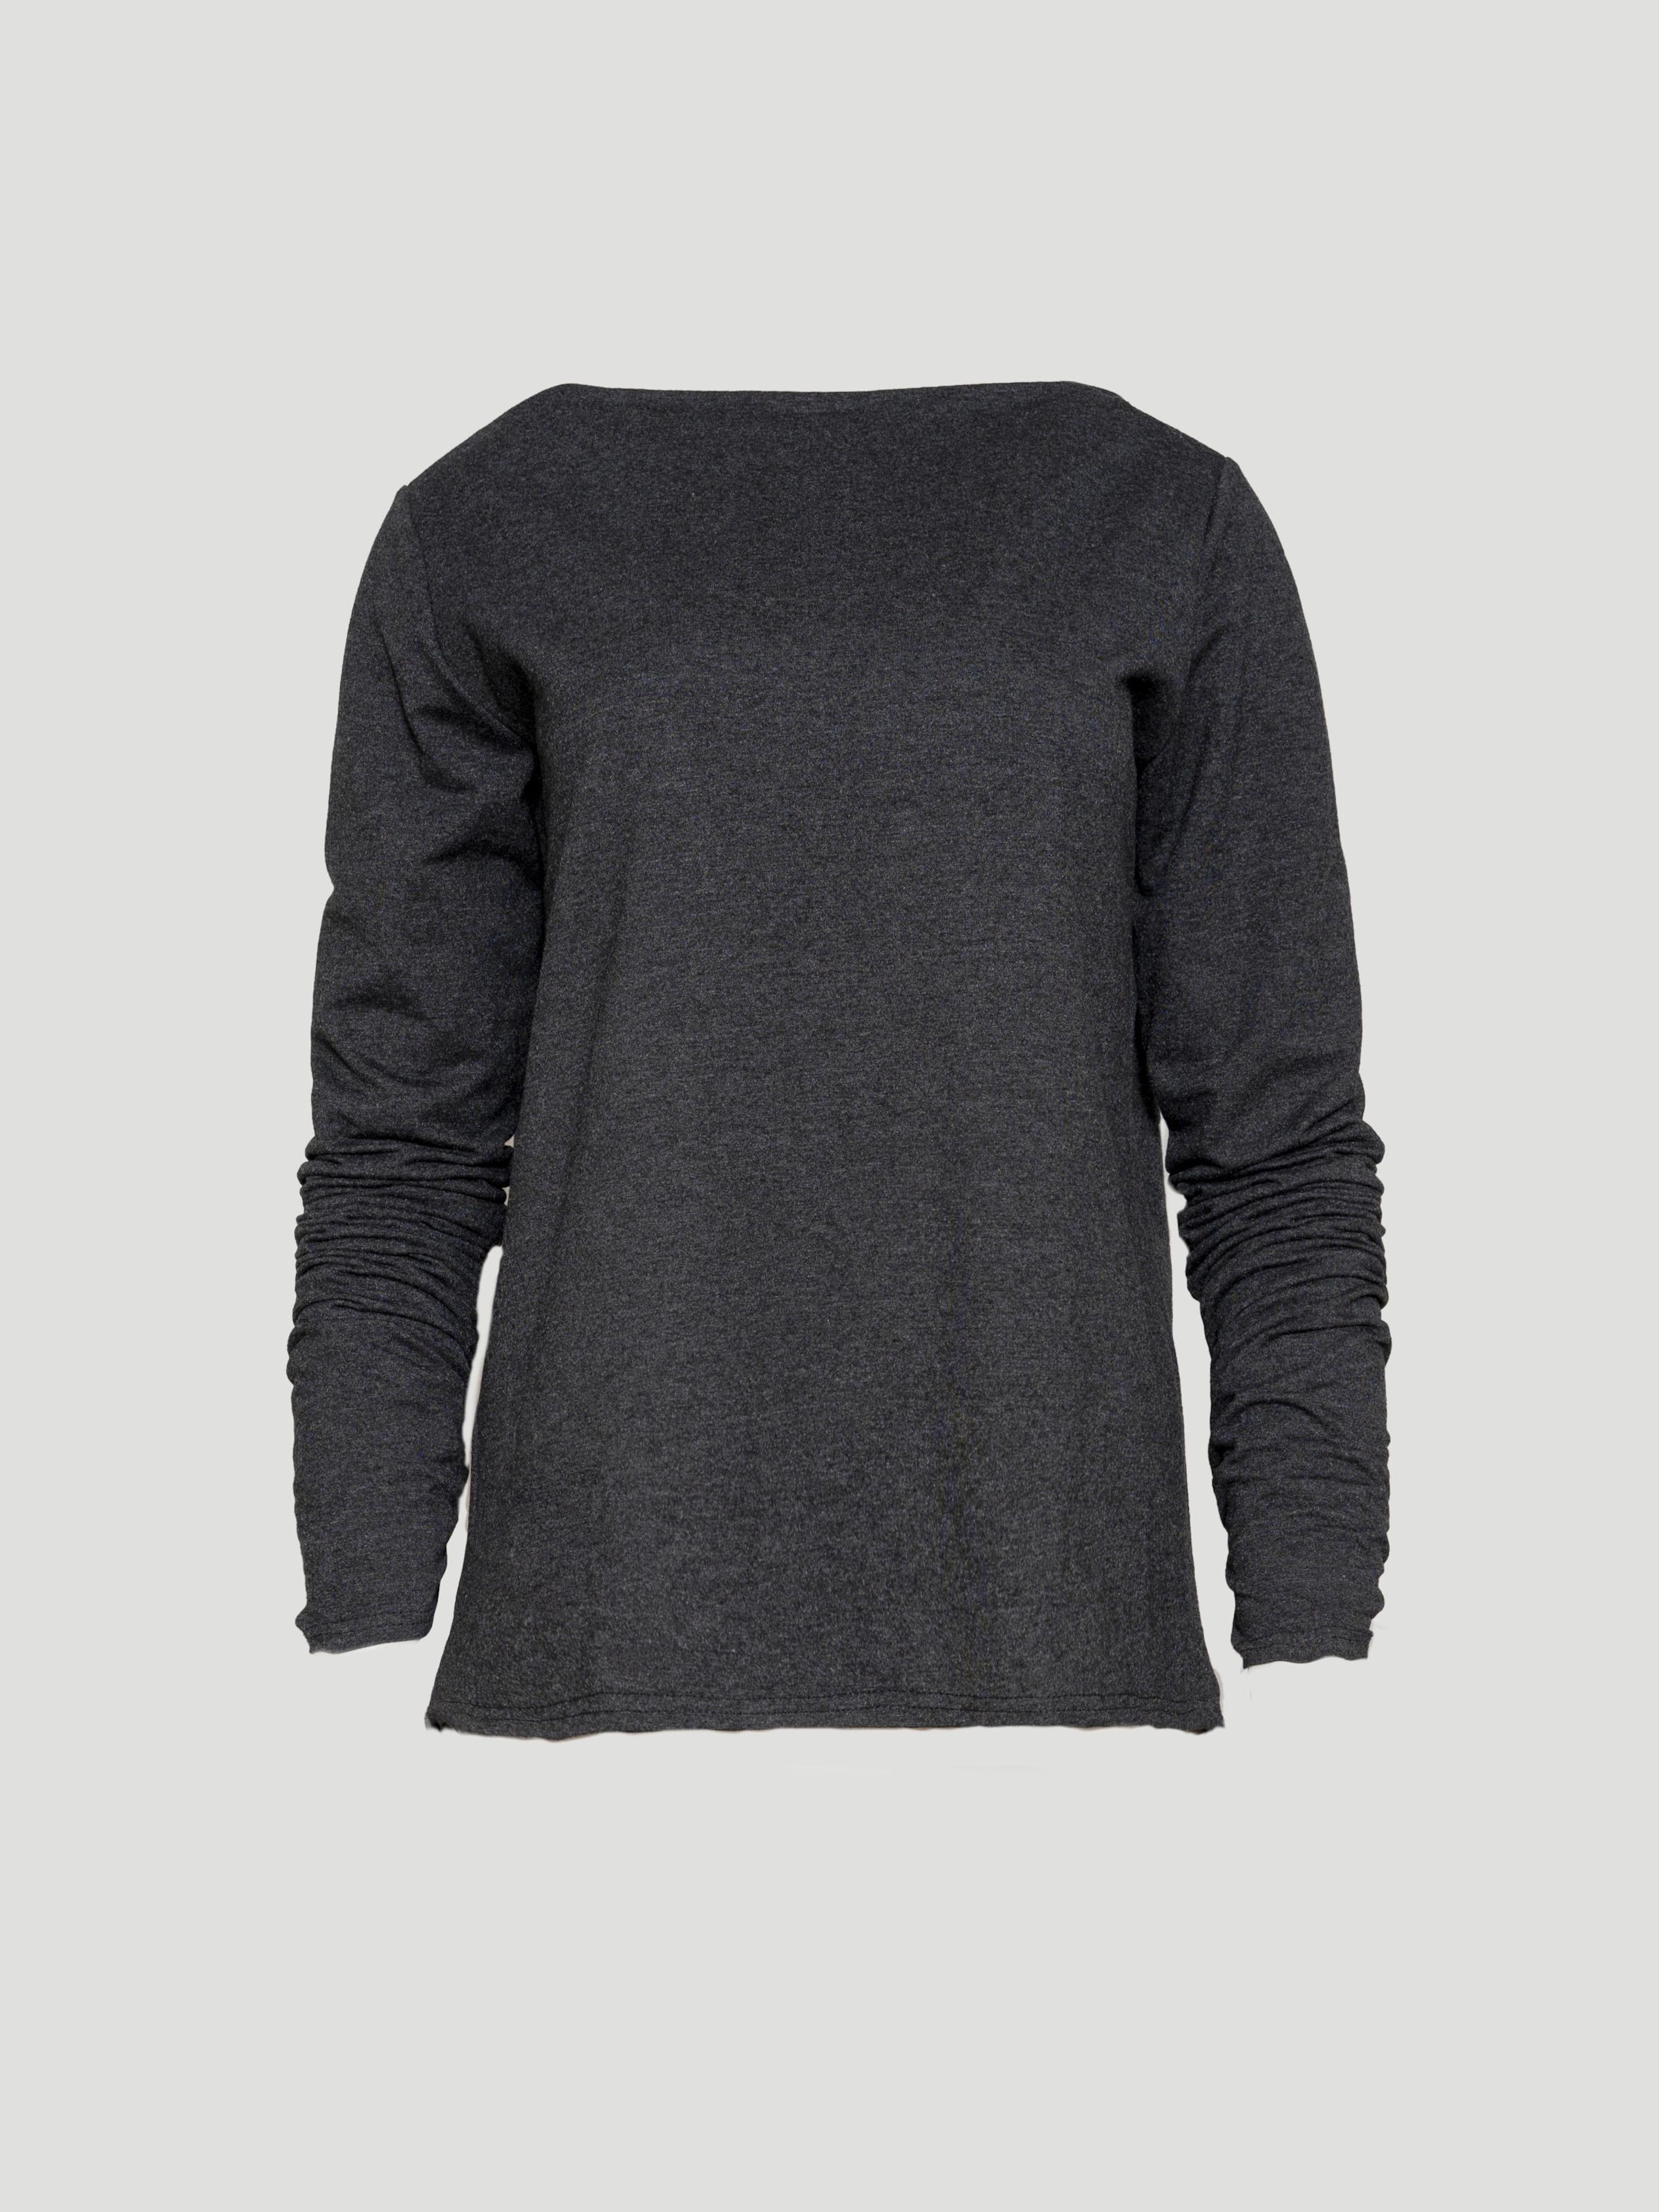 Talence In 'gl' 'gl' Talence Sweatshirt In Donkergrijs 'gl' In Donkergrijs Talence Sweatshirt Sweatshirt qUMVGSzp